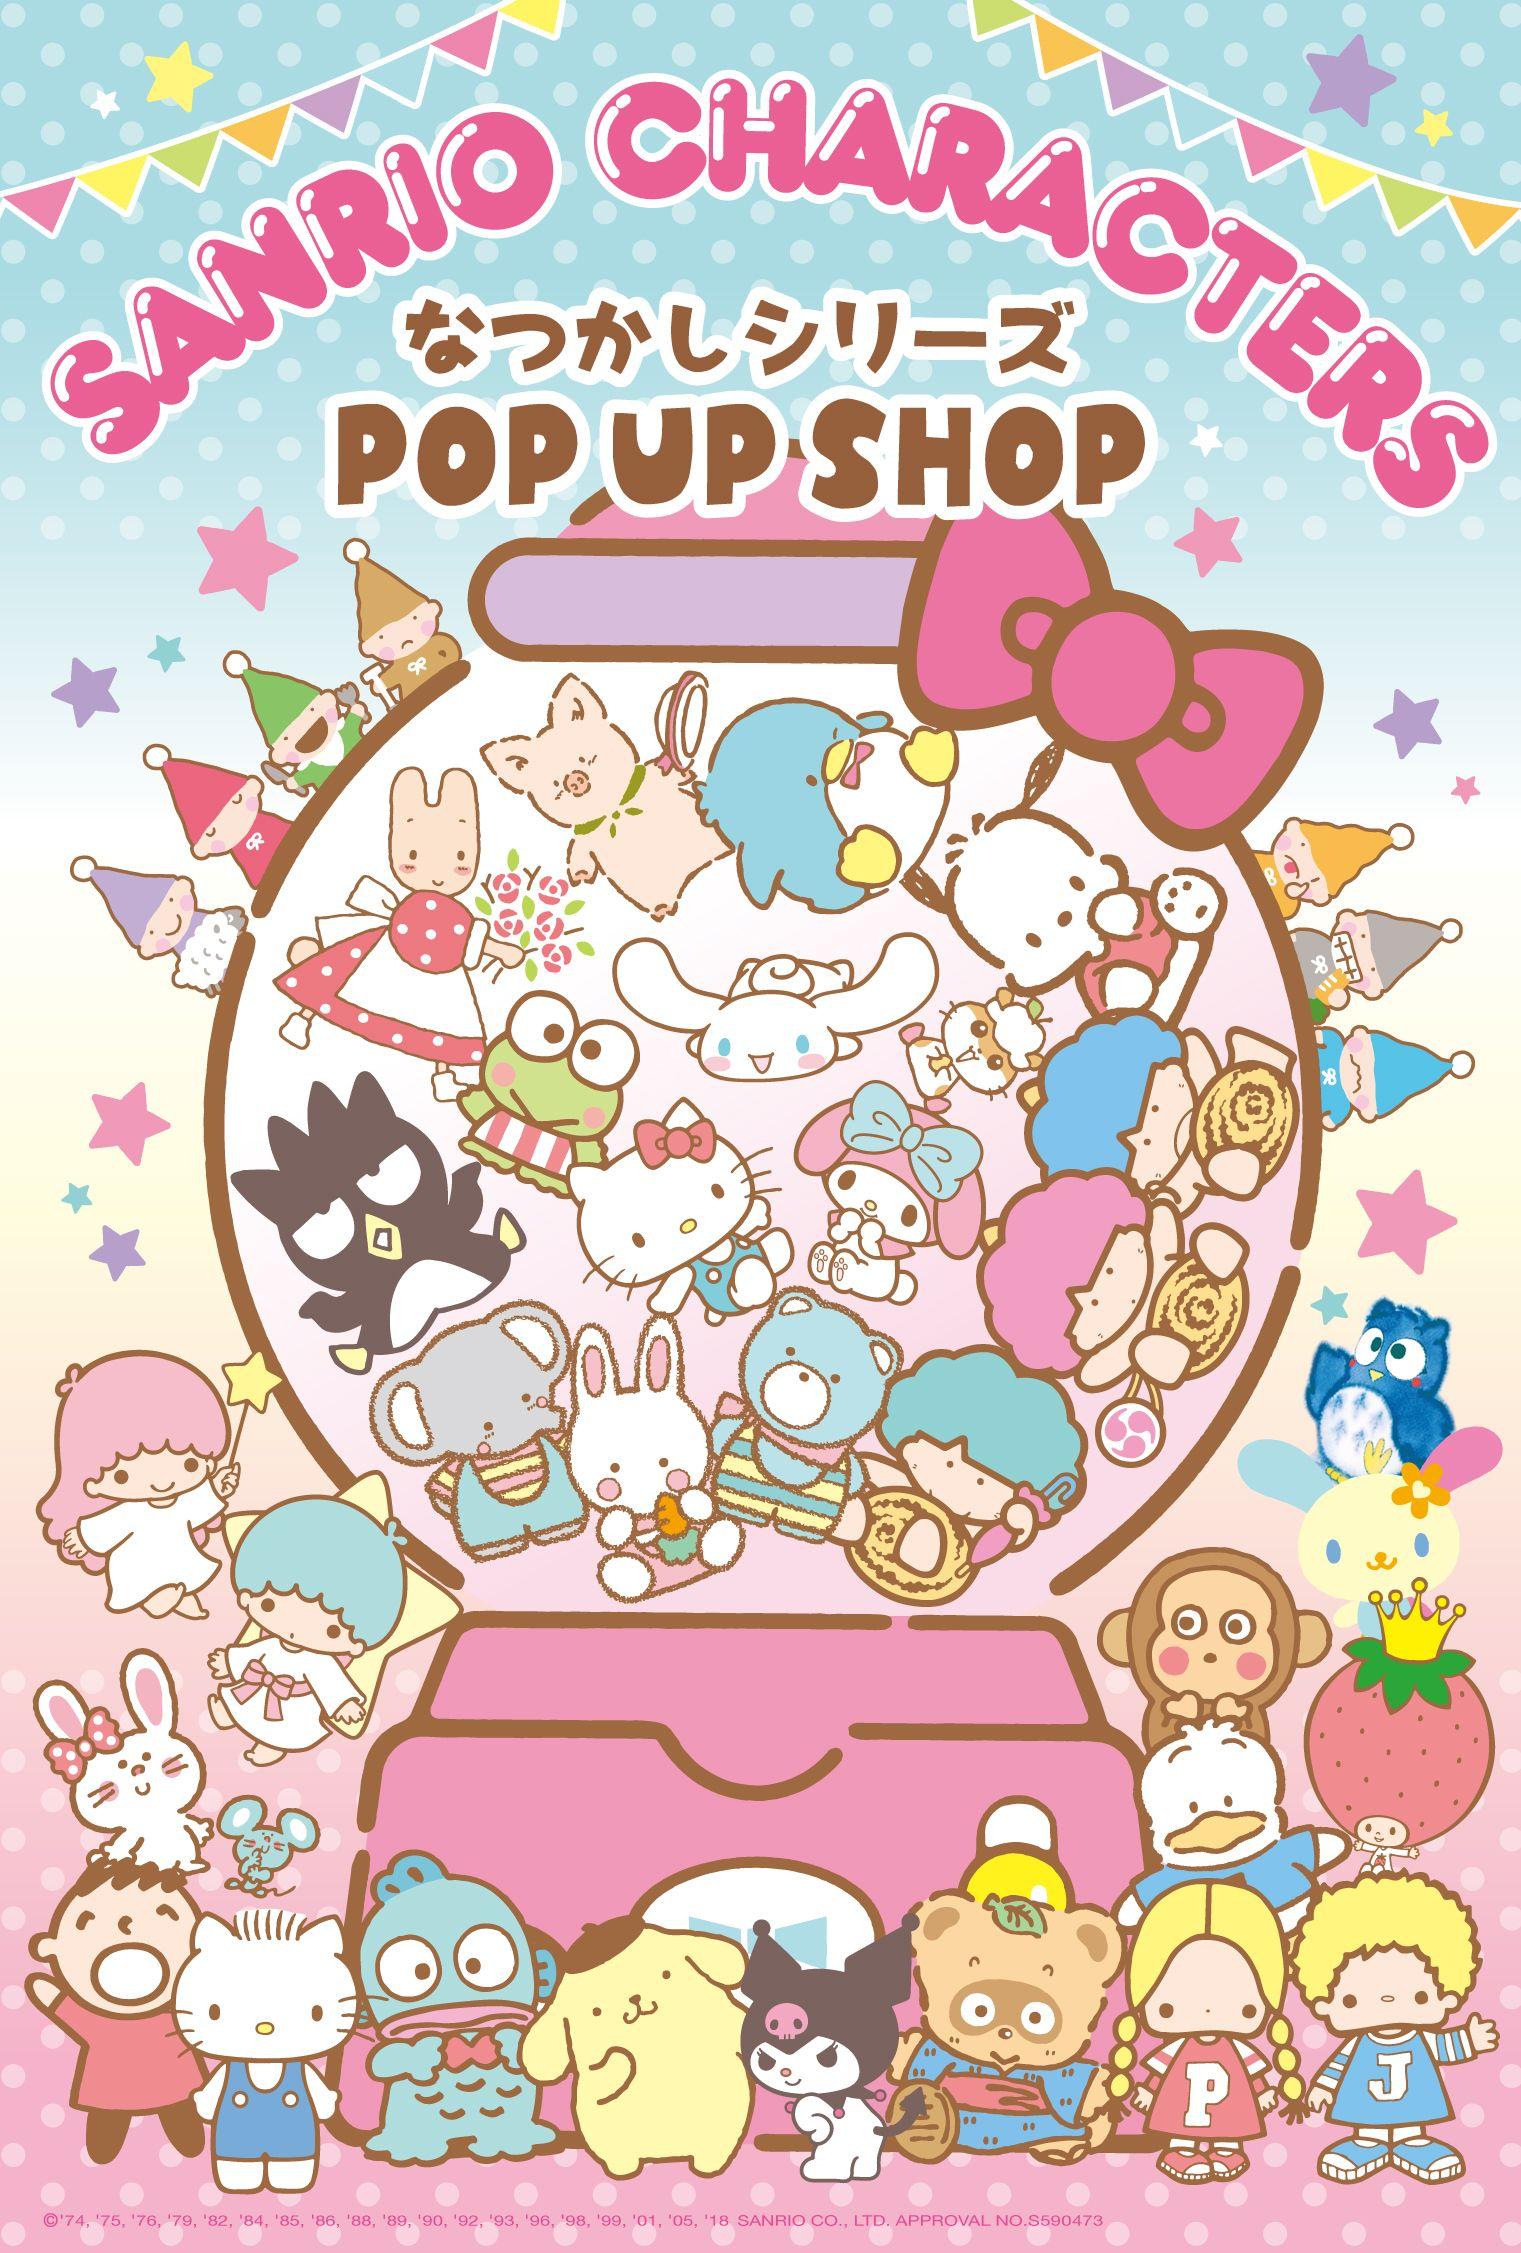 なつかしサンリオpop Up Shop ハローキティの壁紙 キティの壁紙